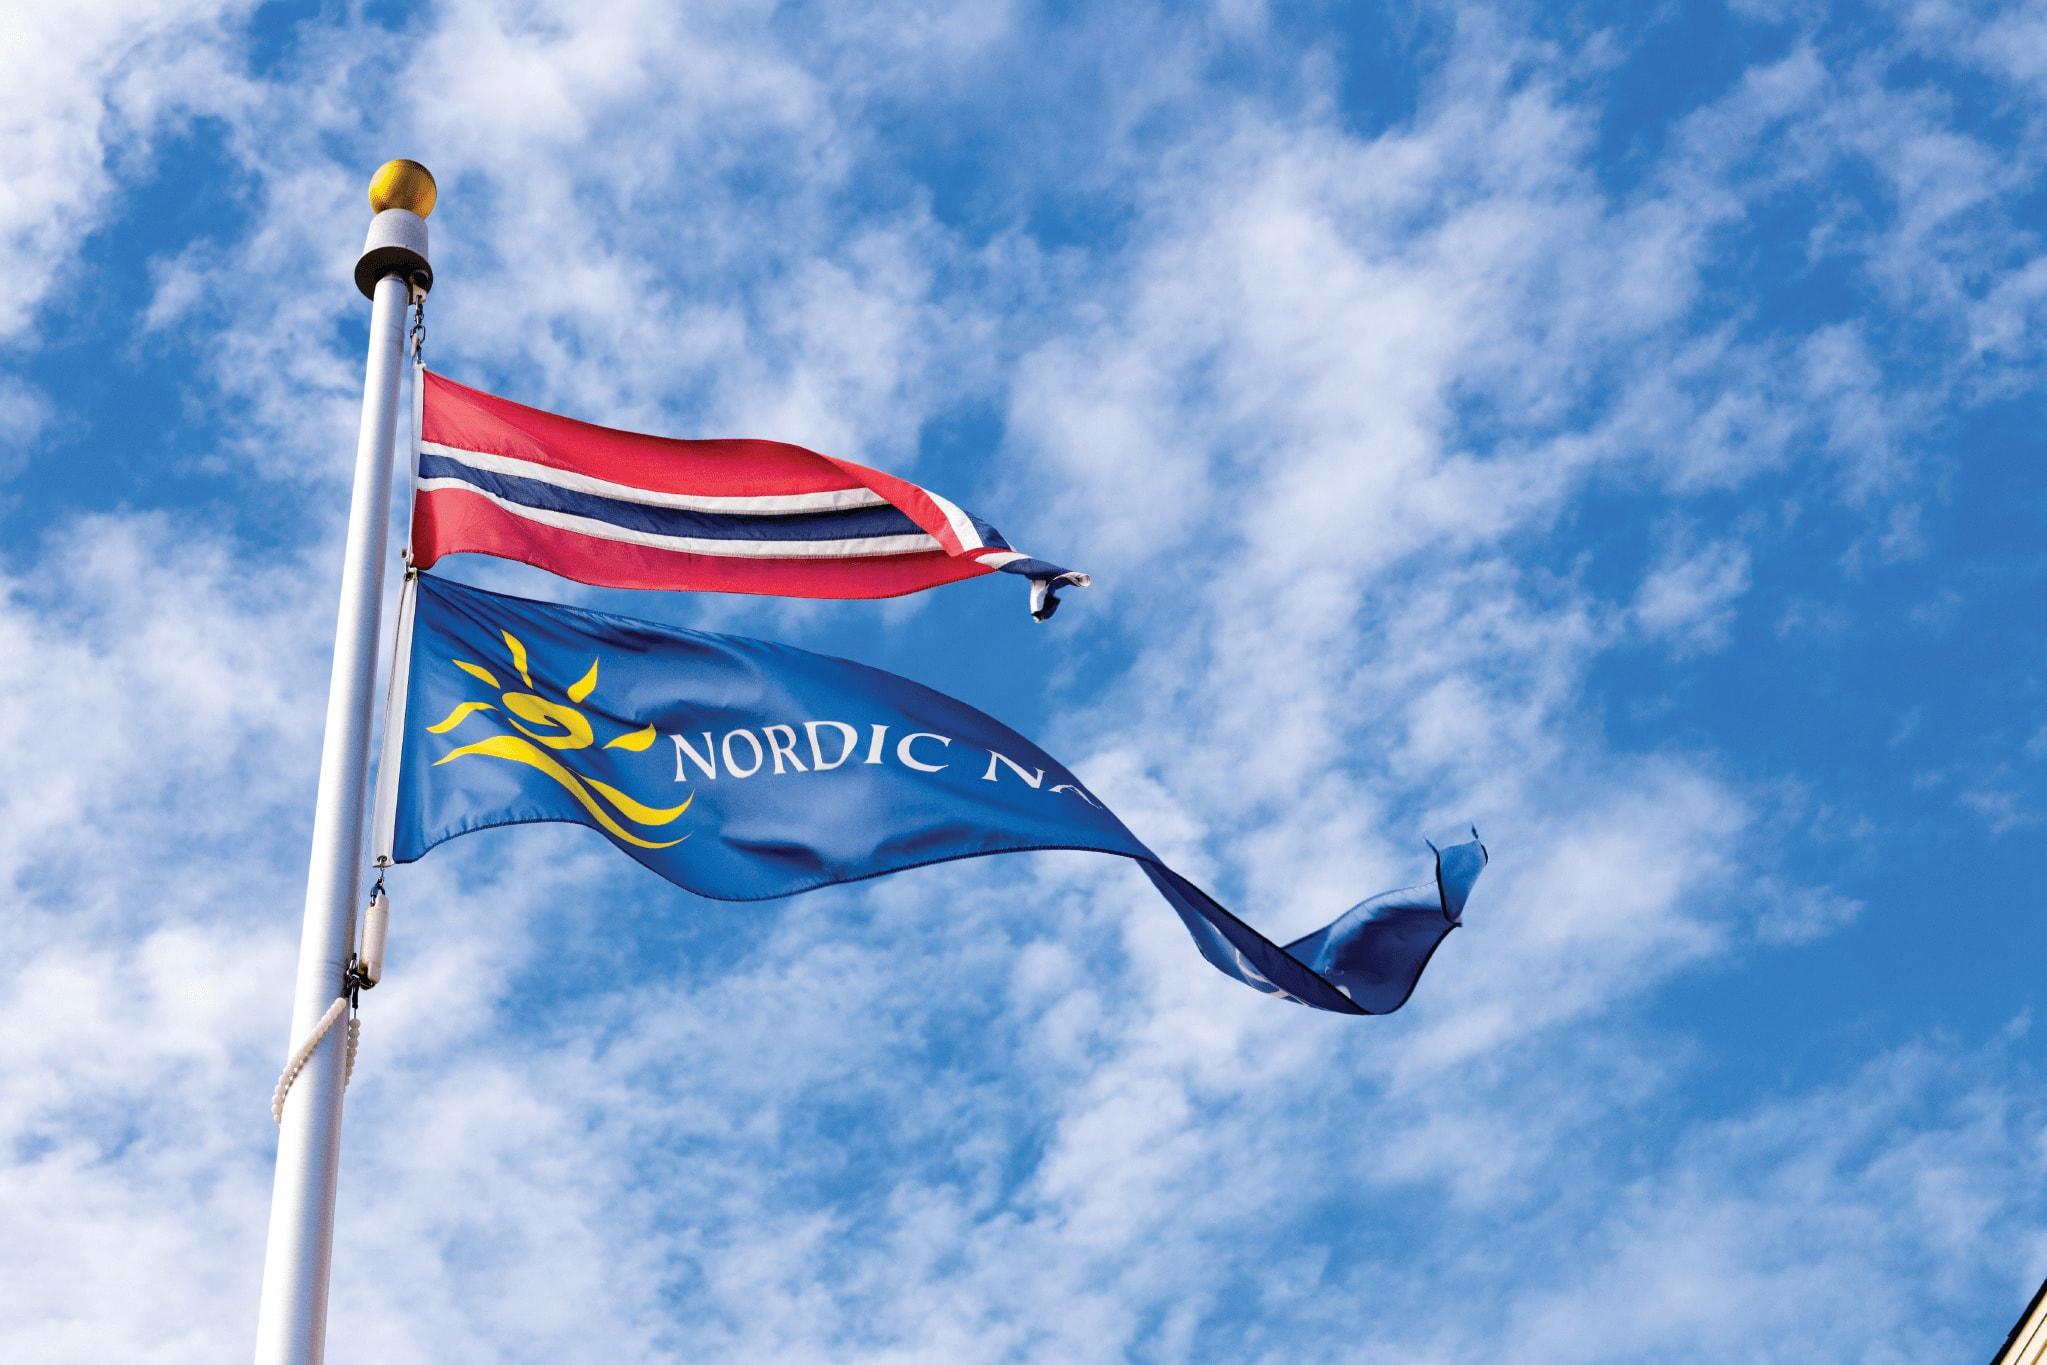 Nordic Naturals Flags